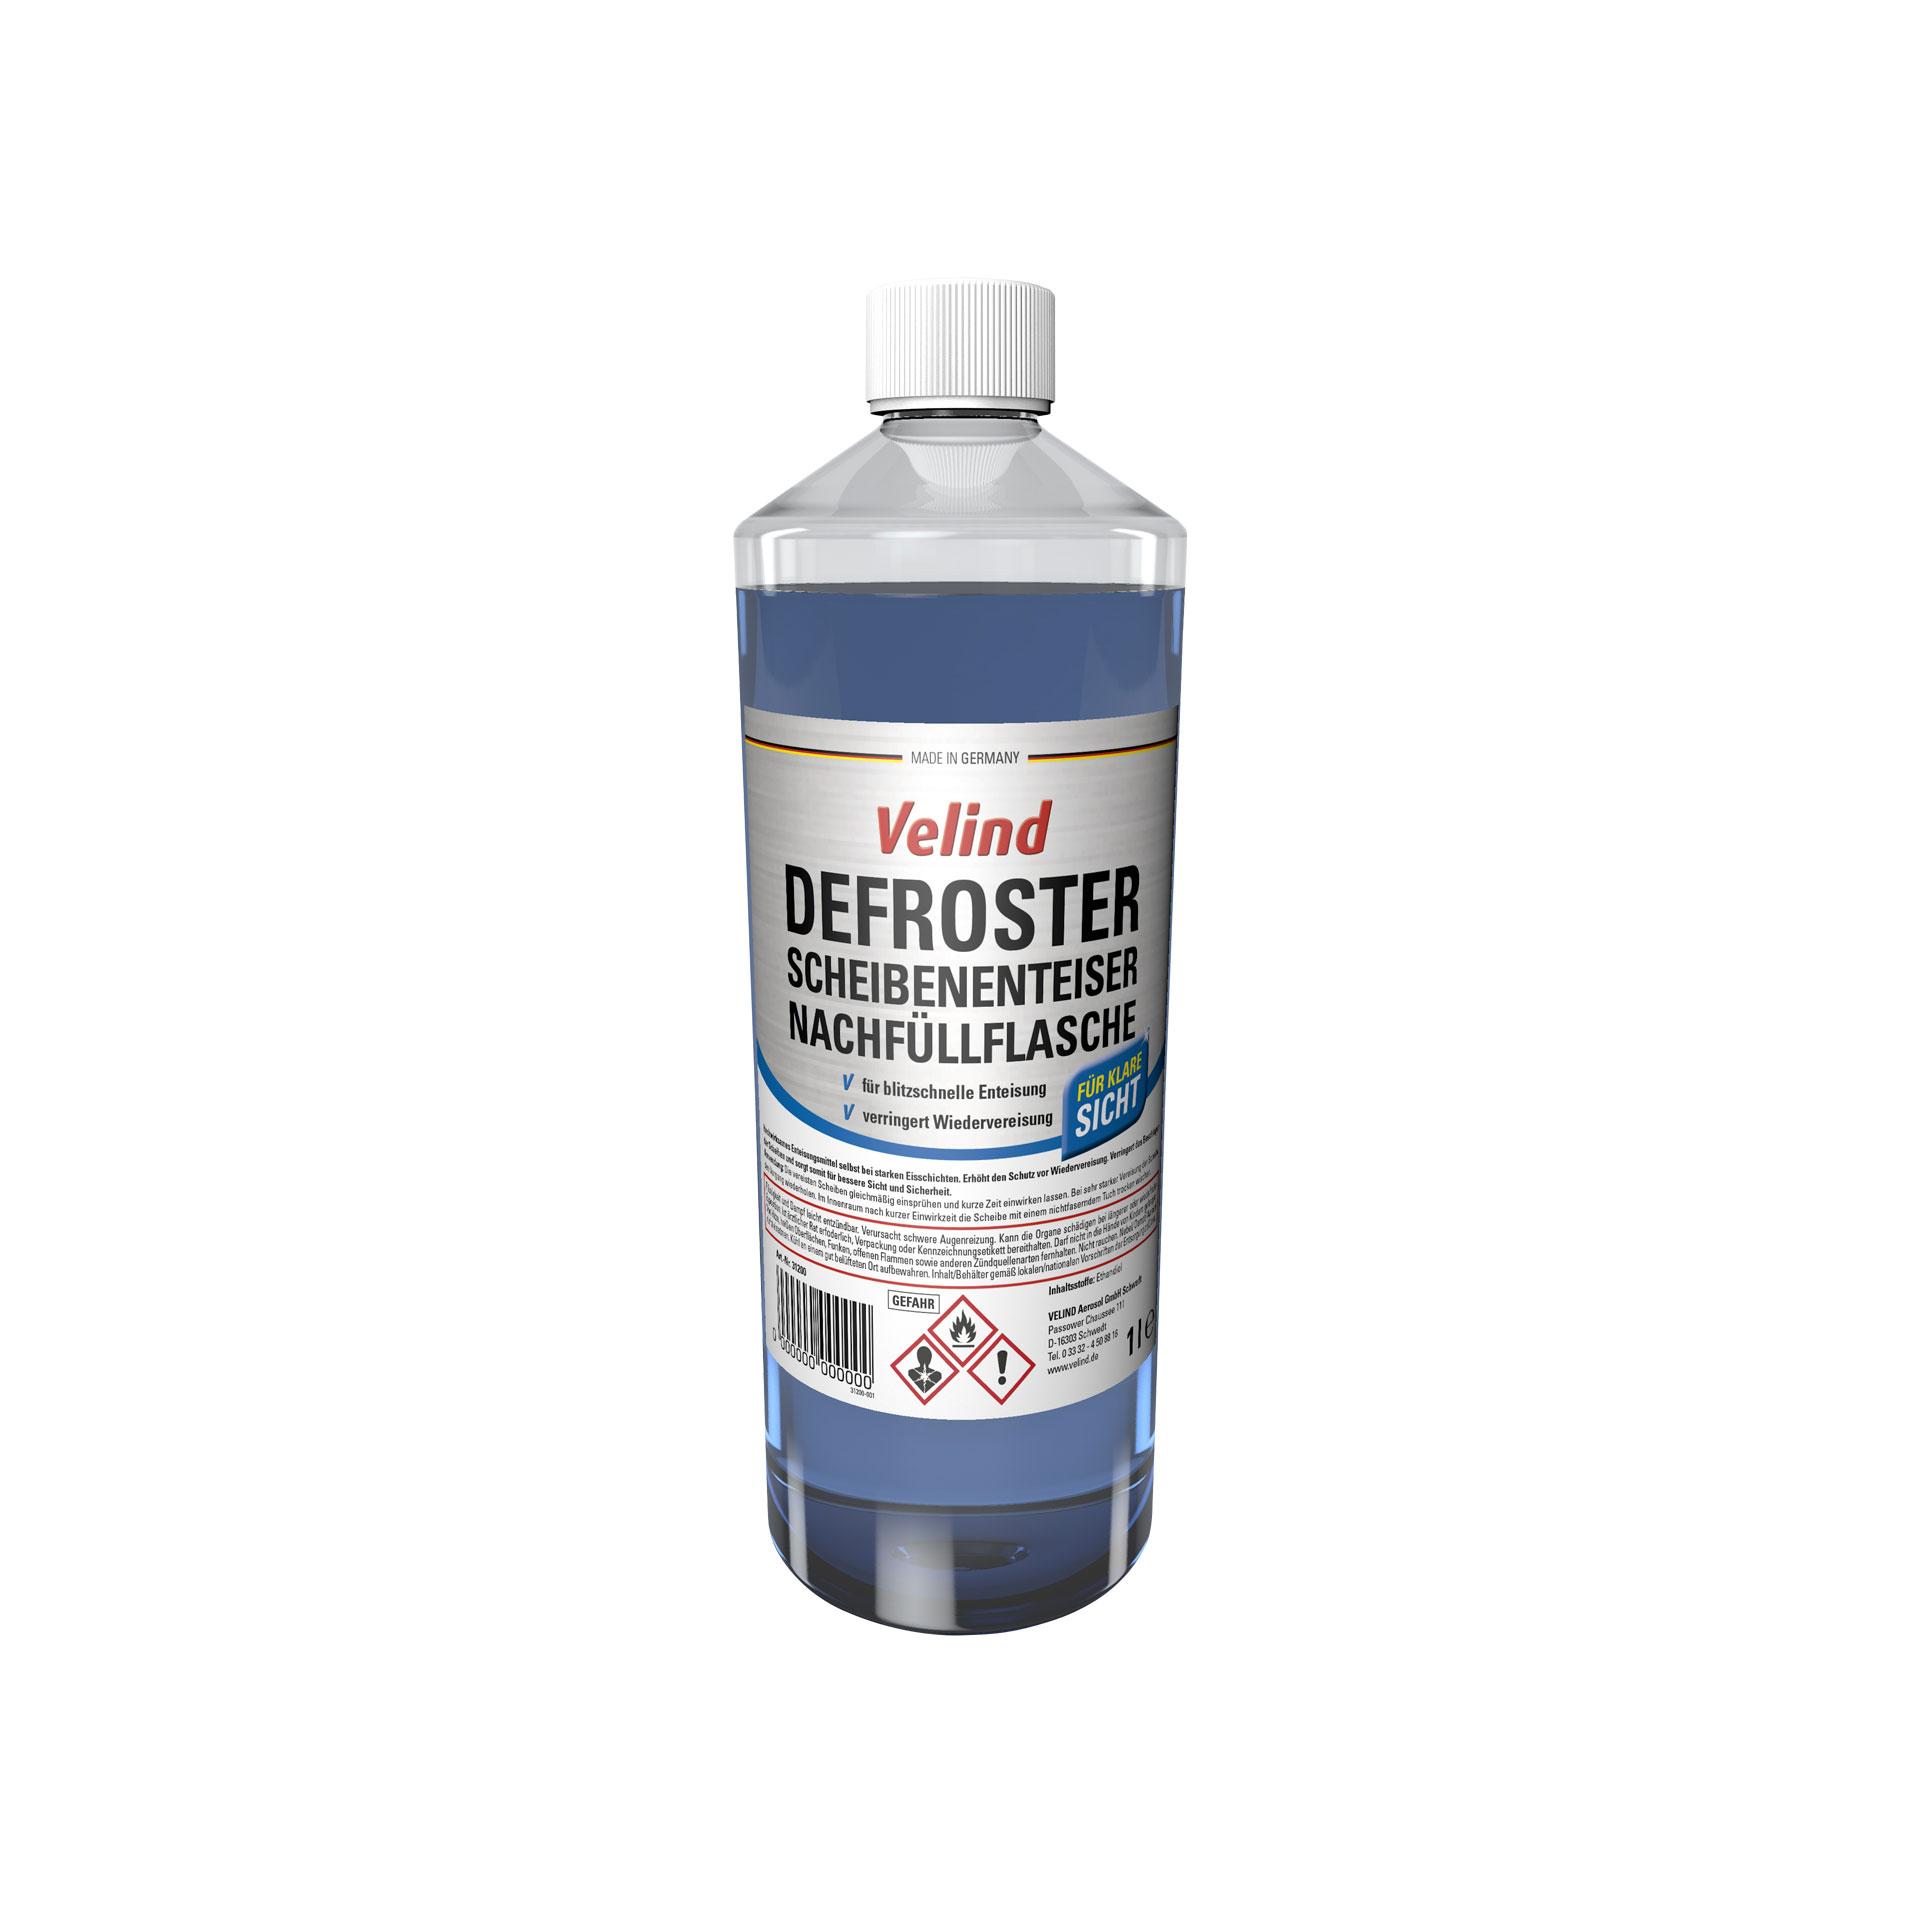 Defroster Nachfüllflasche, 1 l